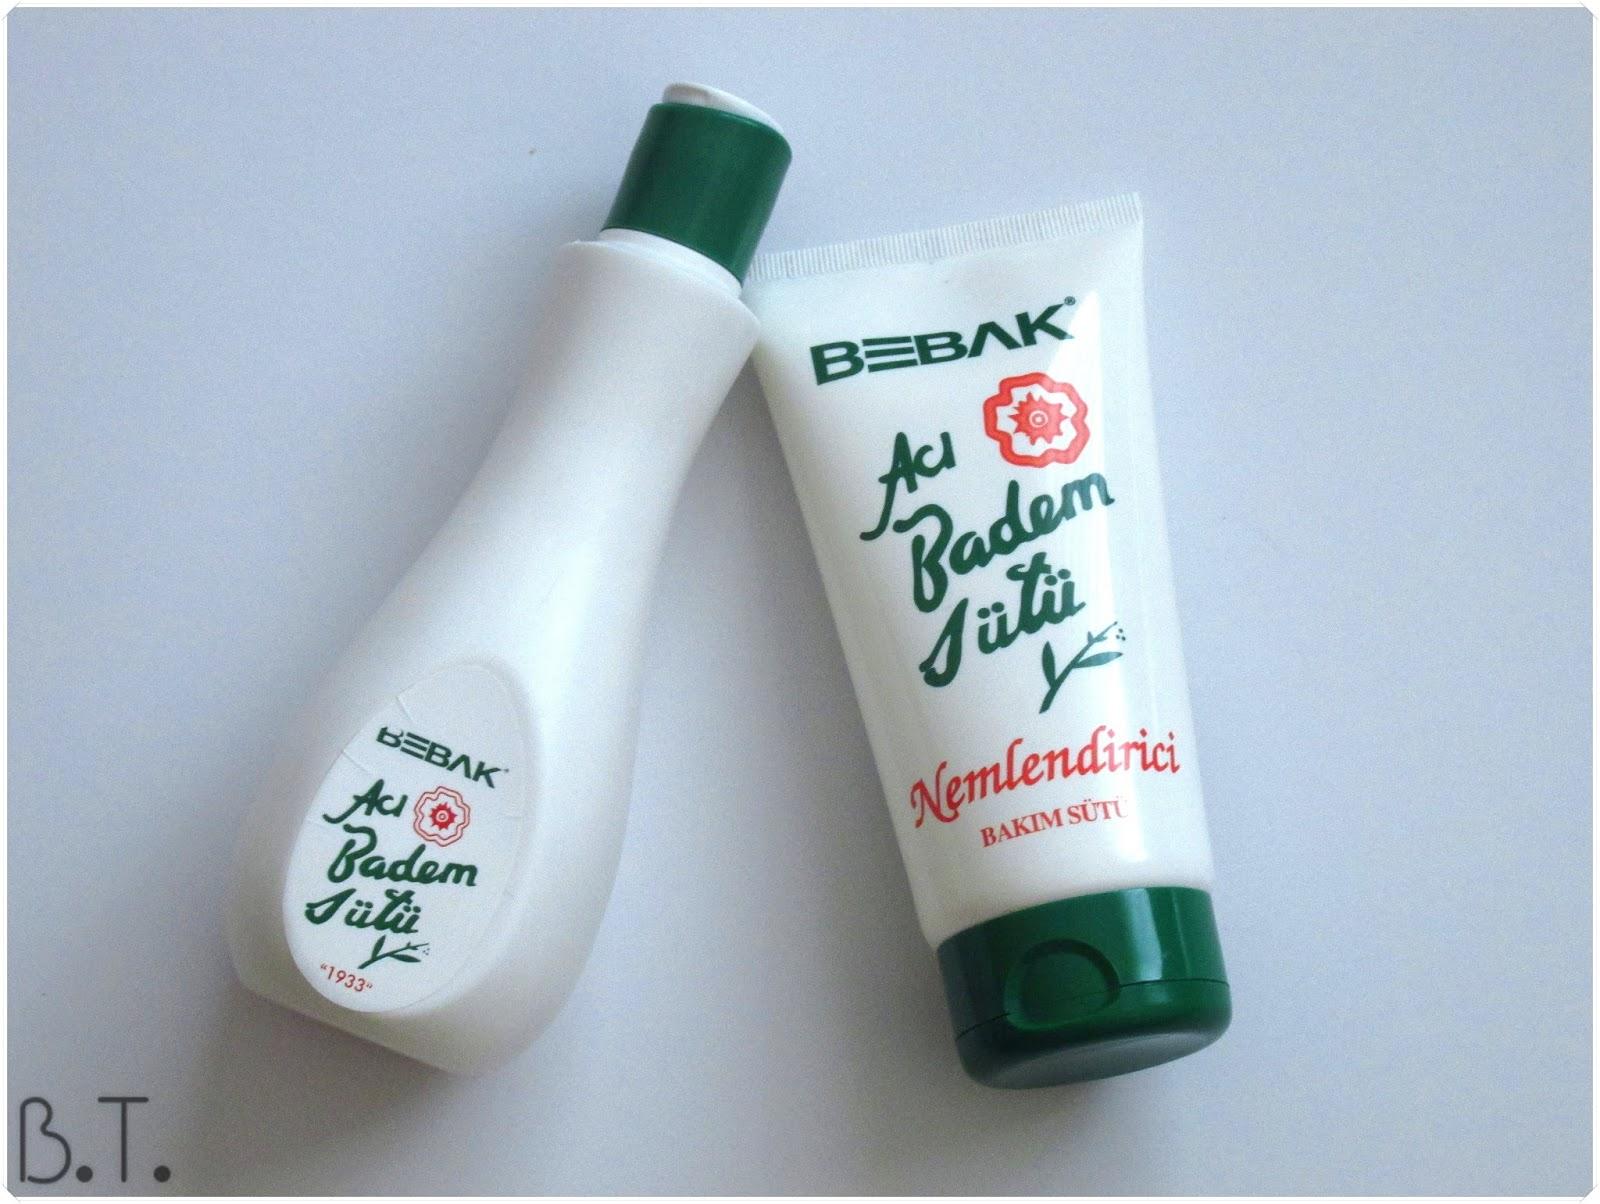 bebak acı badem temizleme sütü, nemlendirici